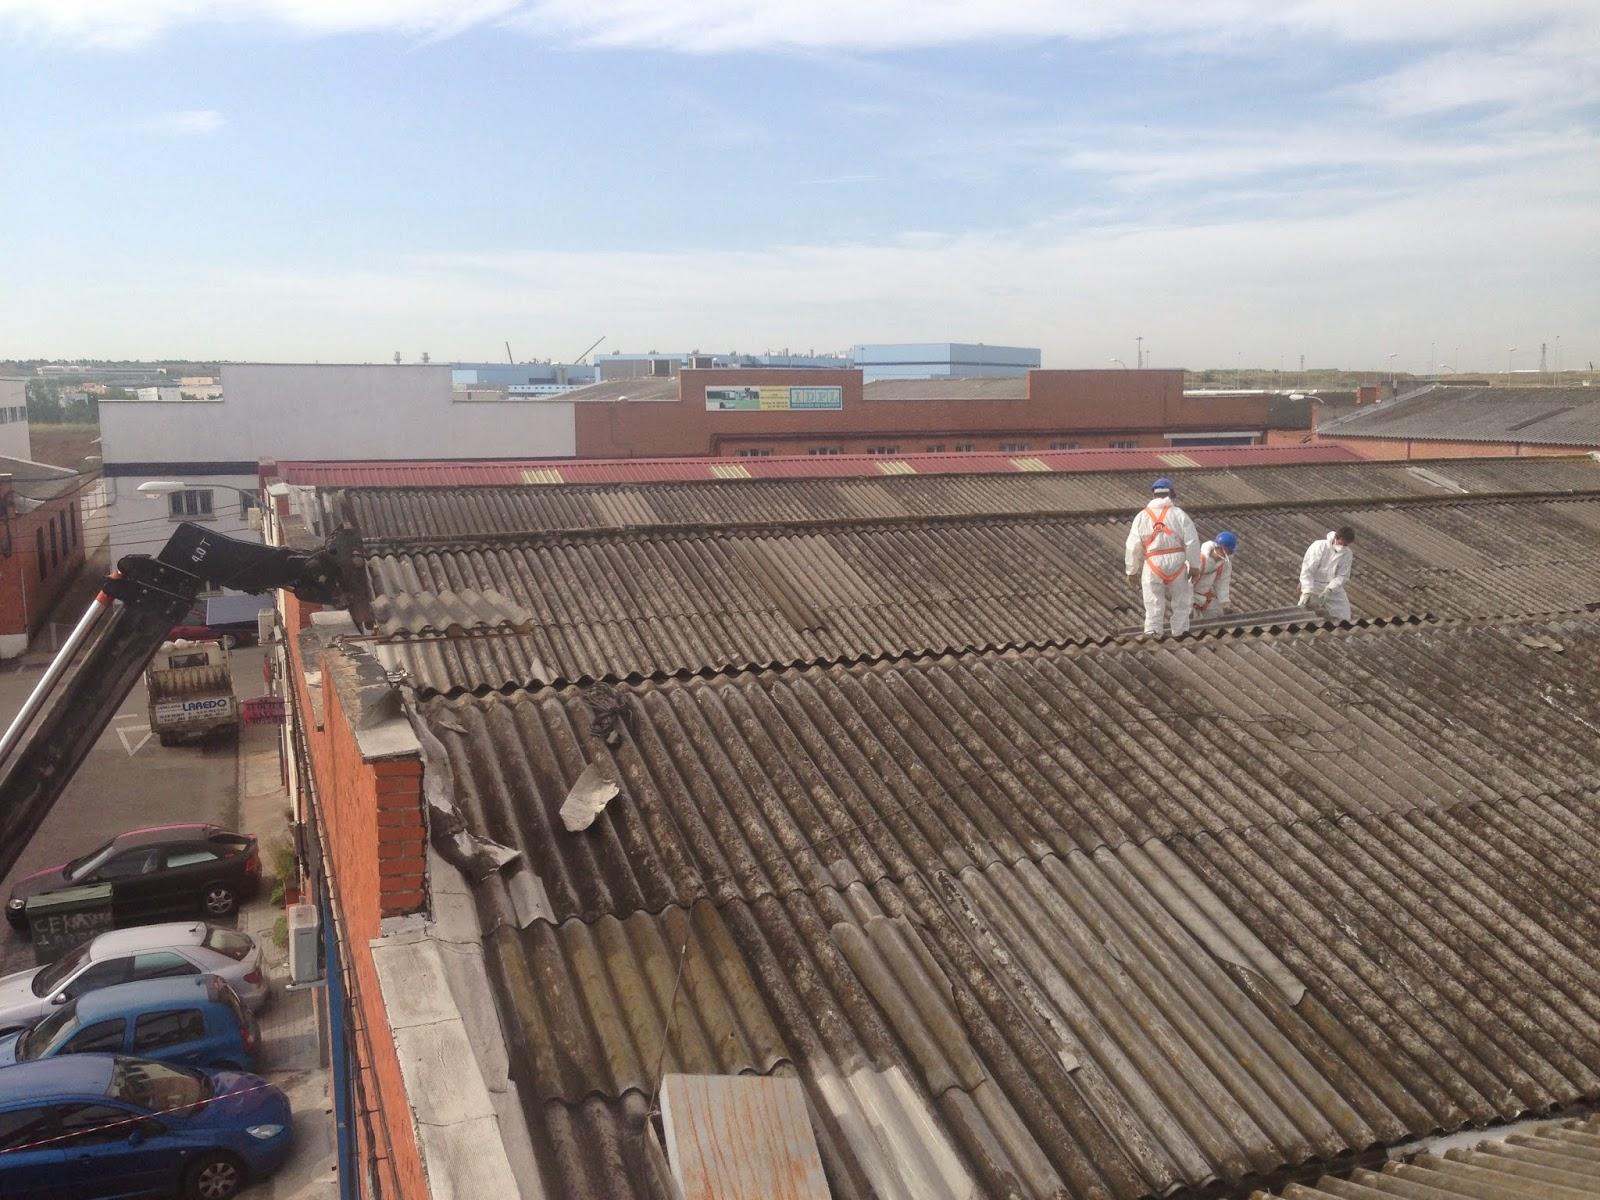 Teja uralita uralitas placas fibrocemento trabajos en for Tejados de uralita riesgos